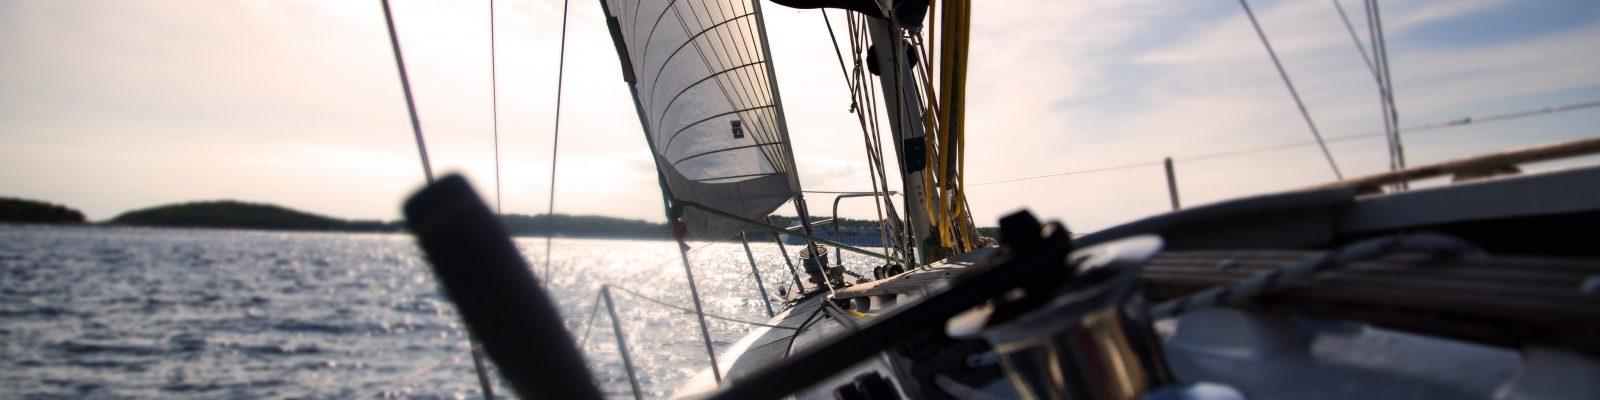 Blick über Segelboot auf dem Meer, Triple-A AG